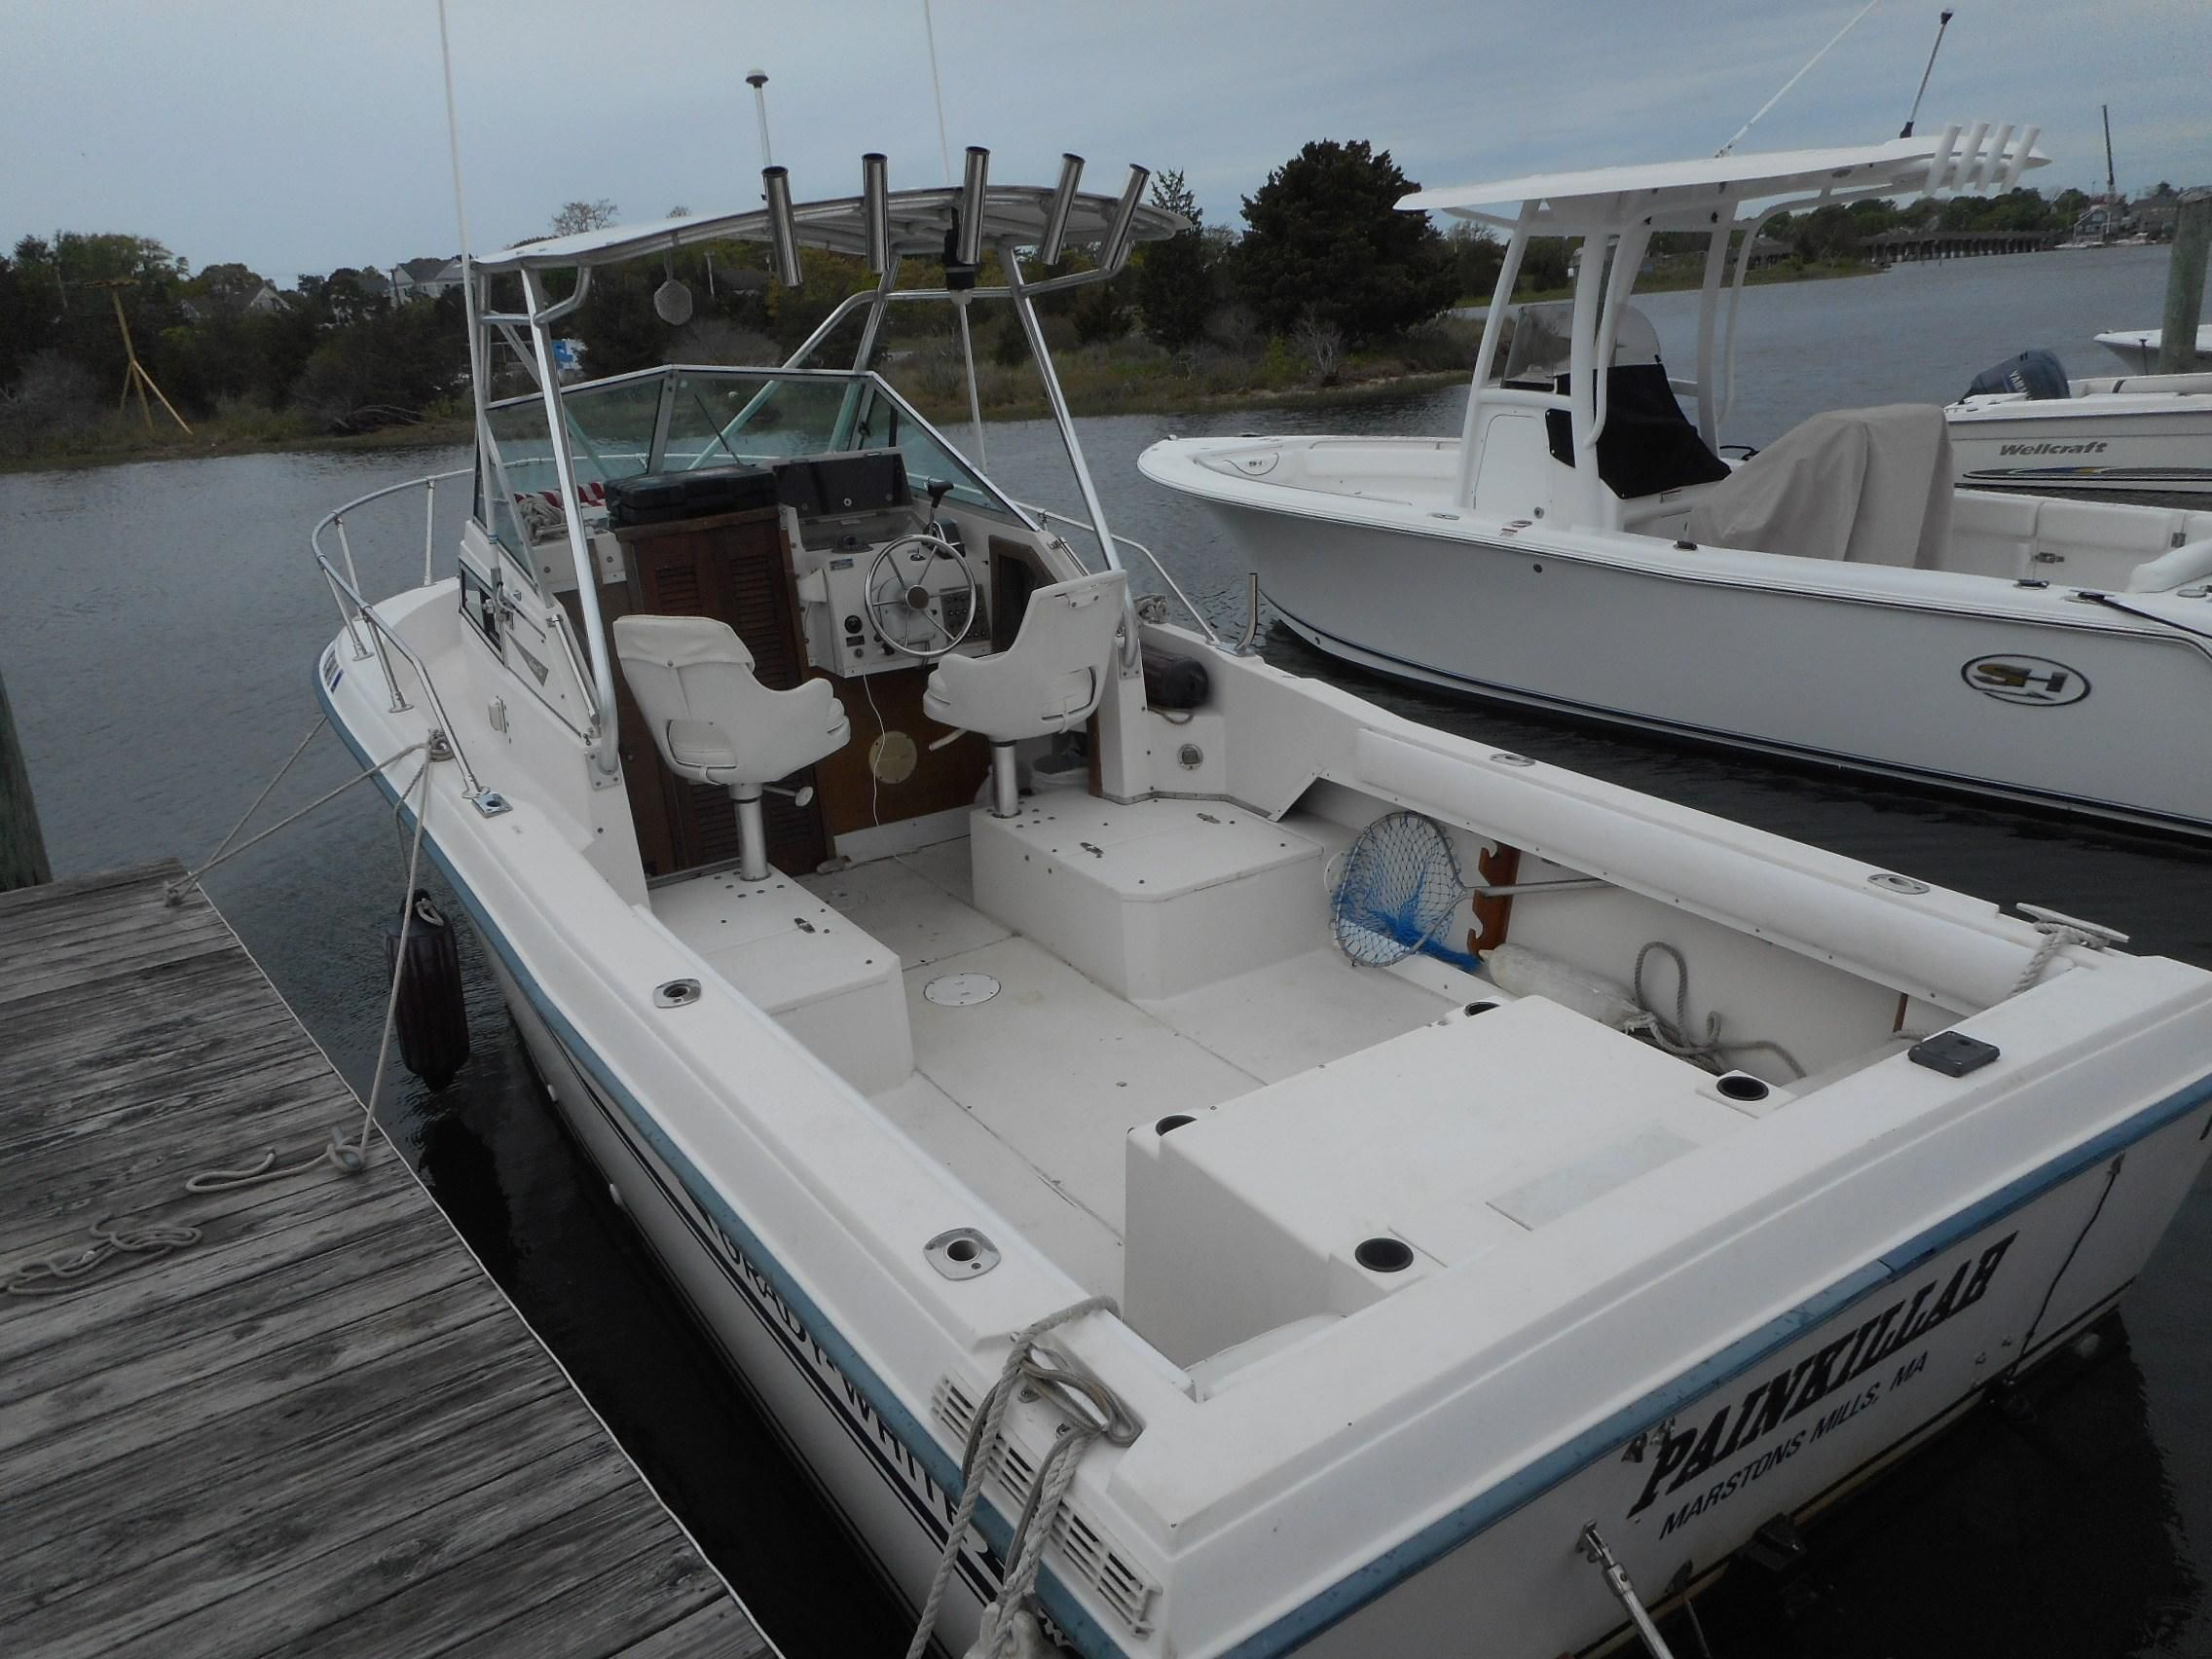 1987 Grady-White 22 Seafarer Power Boat For Sale - www ...